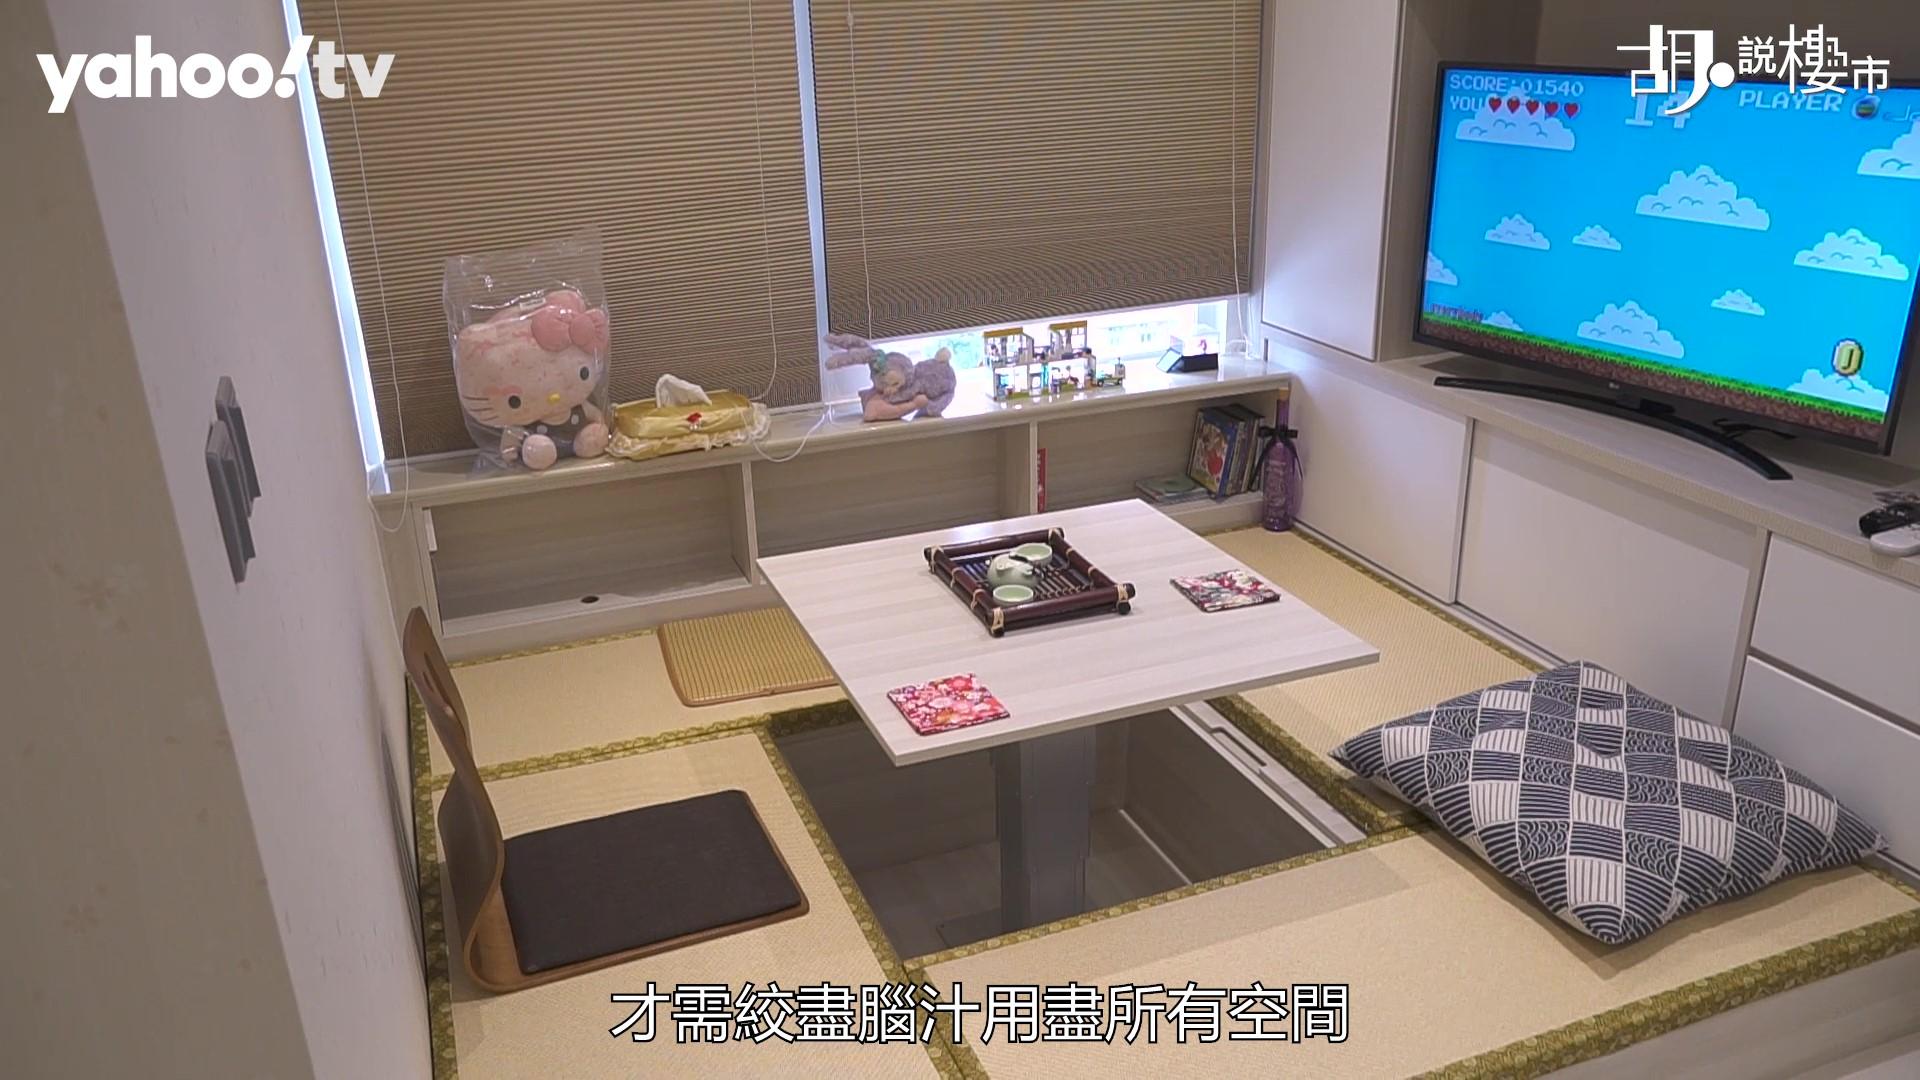 【胡.說樓市】點樣設計日式暖屋?居屋裝修參考